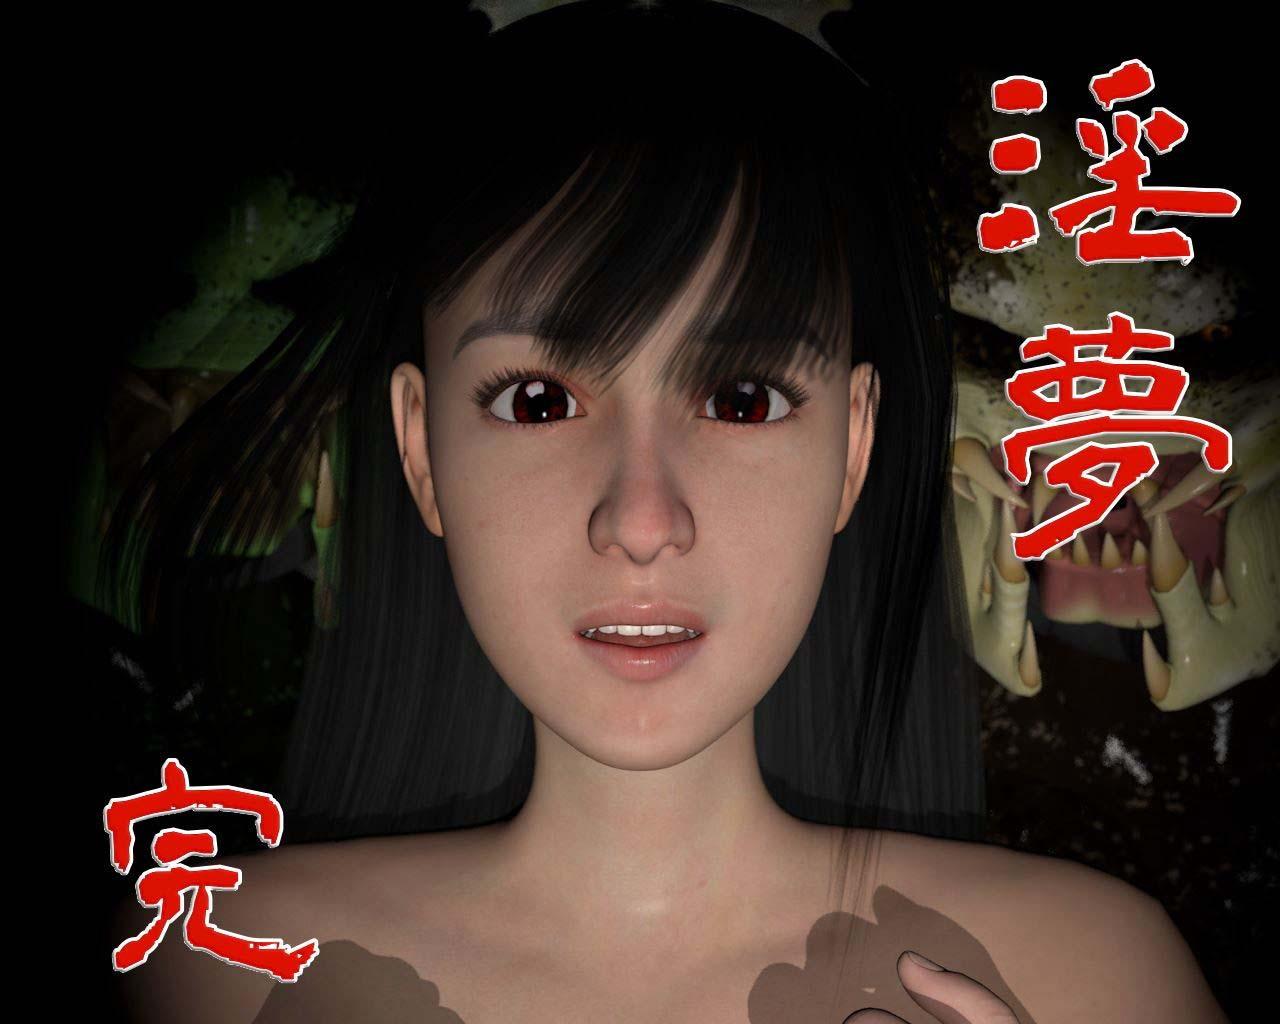 淫夢 動画版